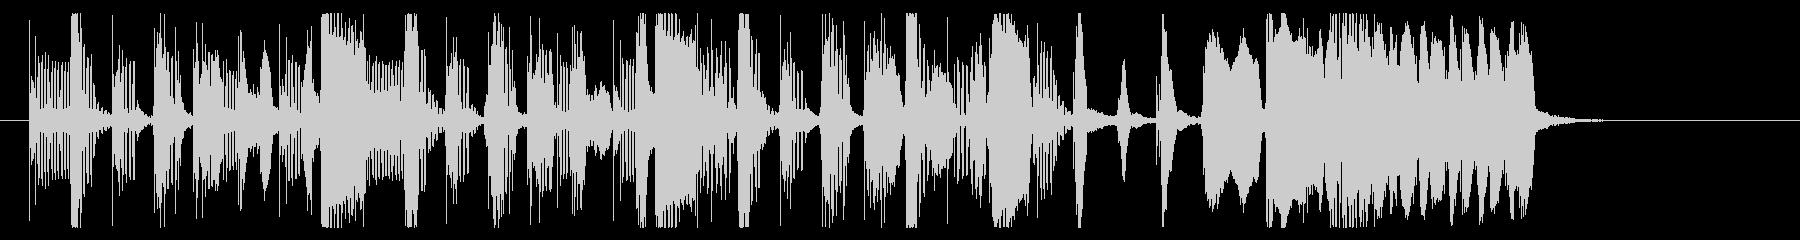 転換-トランジションなどに最適な陽気な曲の未再生の波形